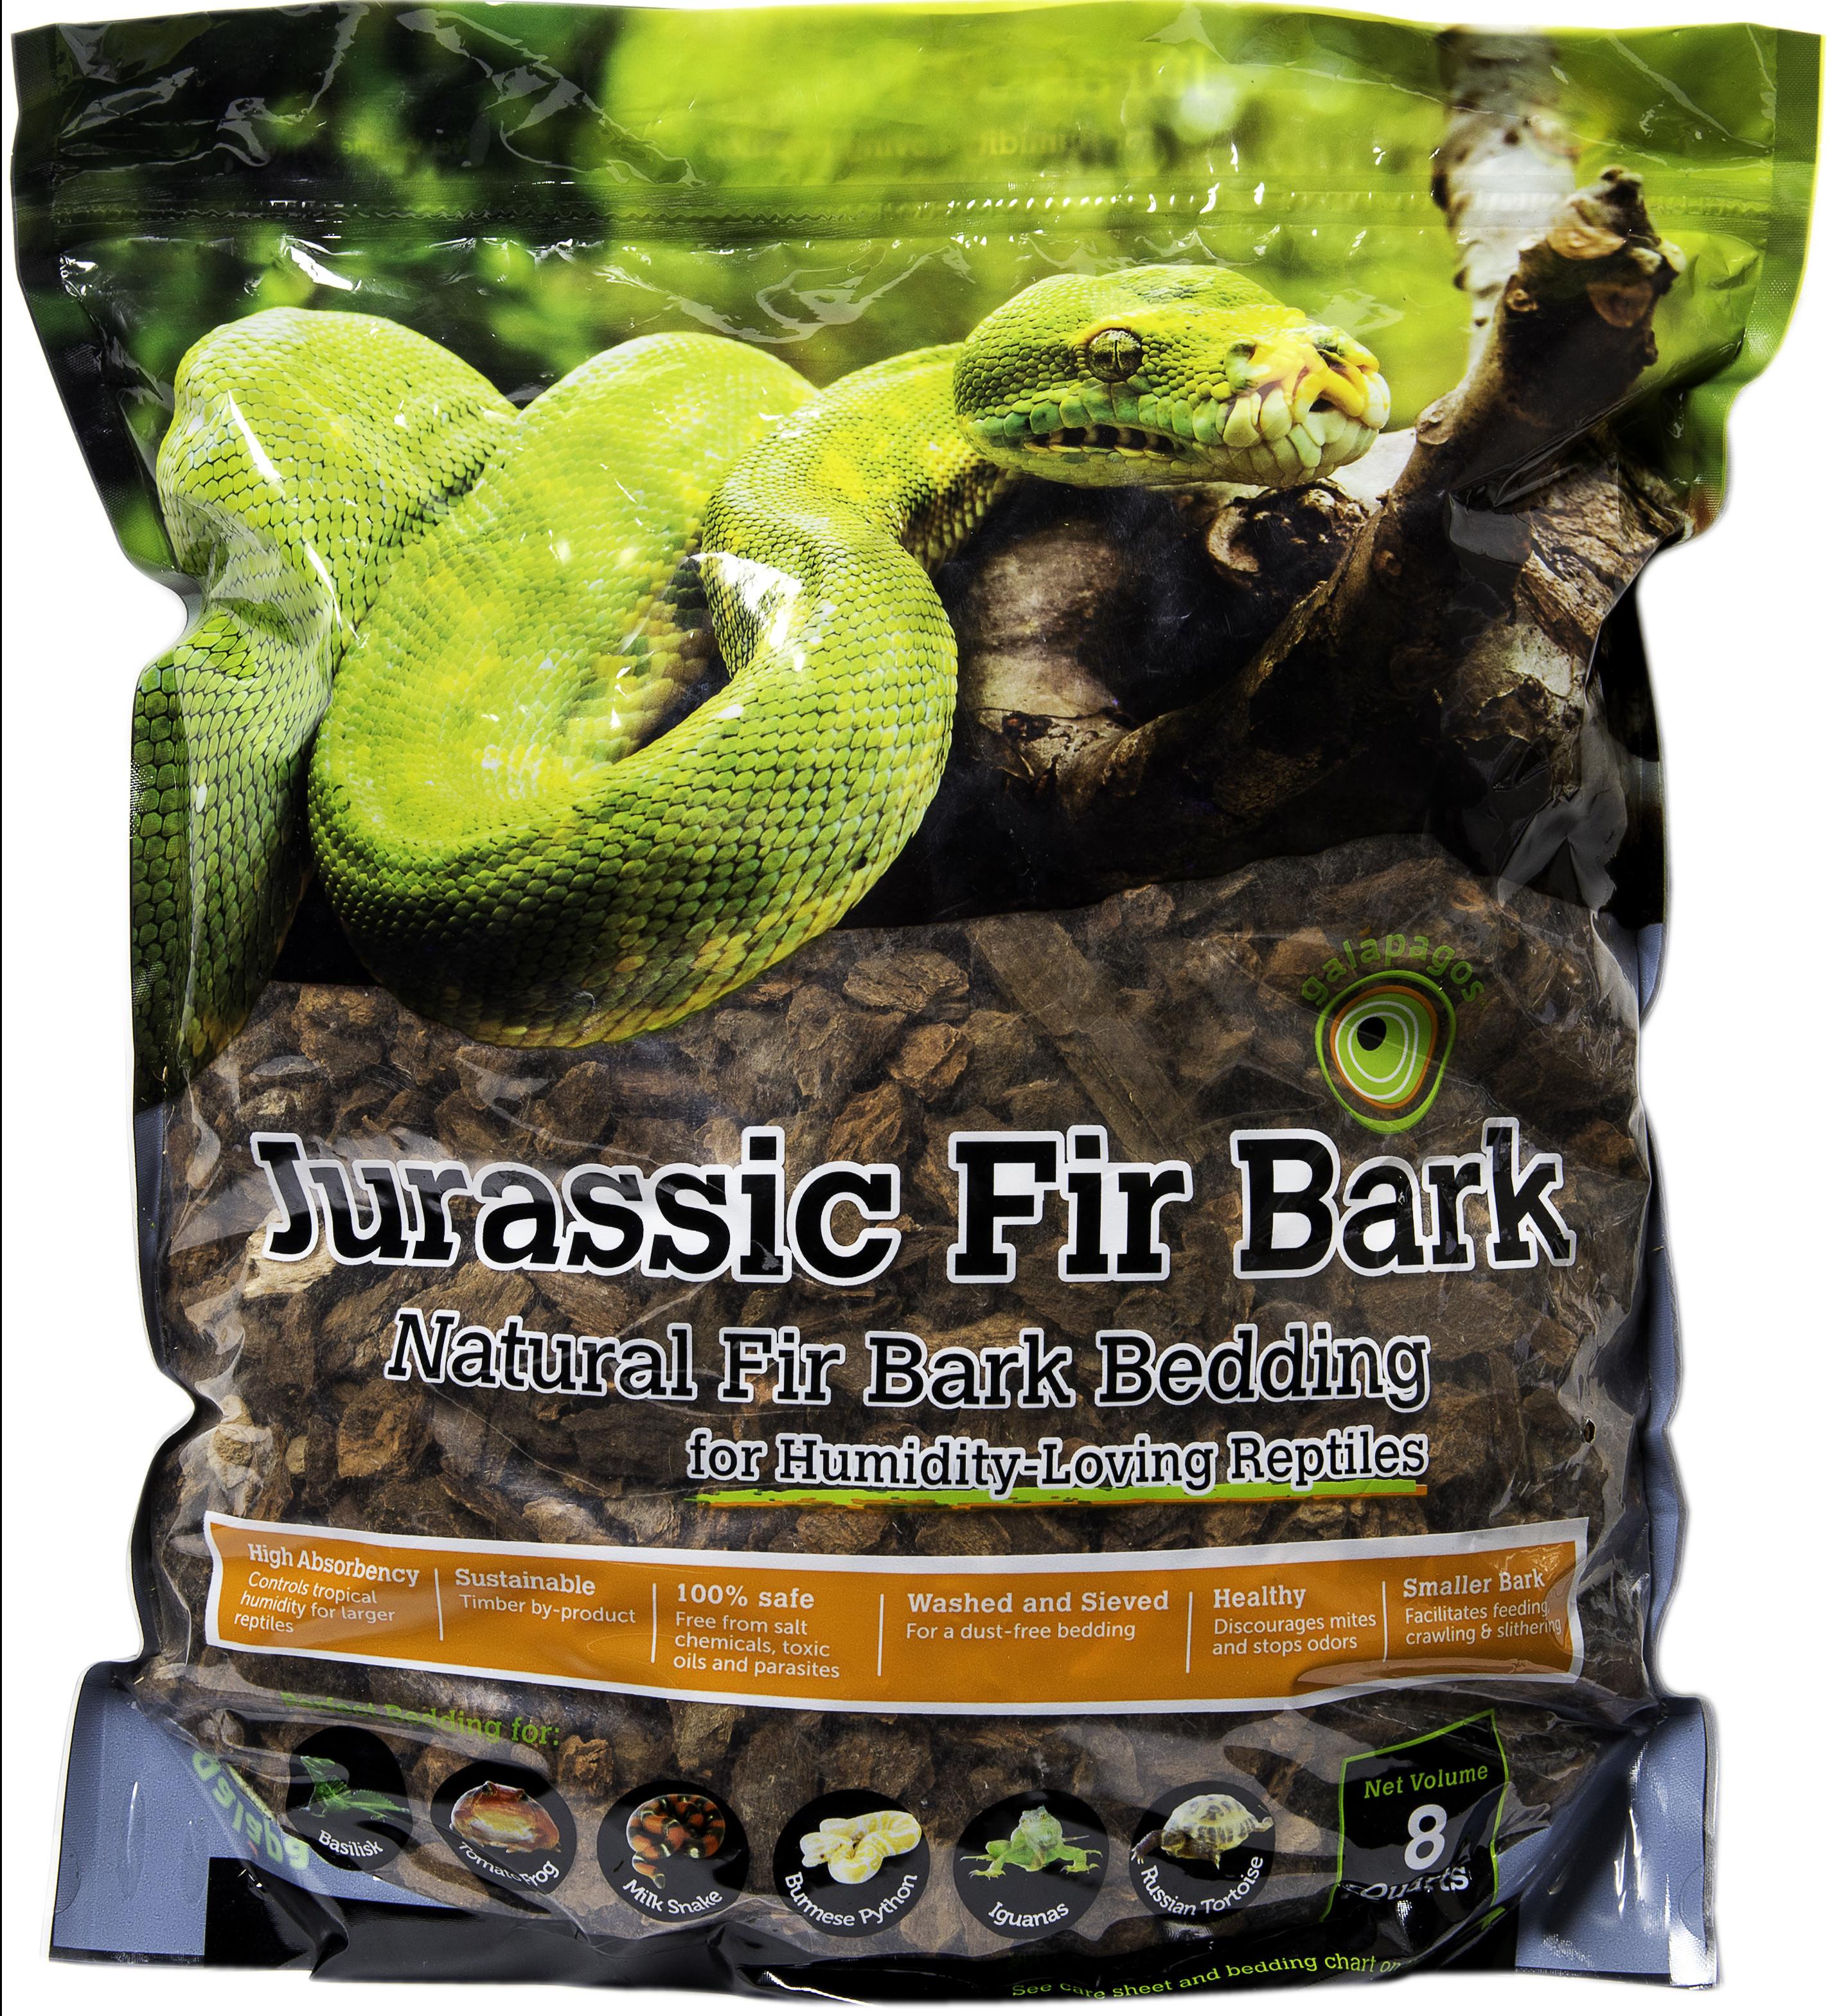 Galapagos Reptile Terrarium Jurassic Fir Bark, Natural, 8-Quart Stand-Up Pouch